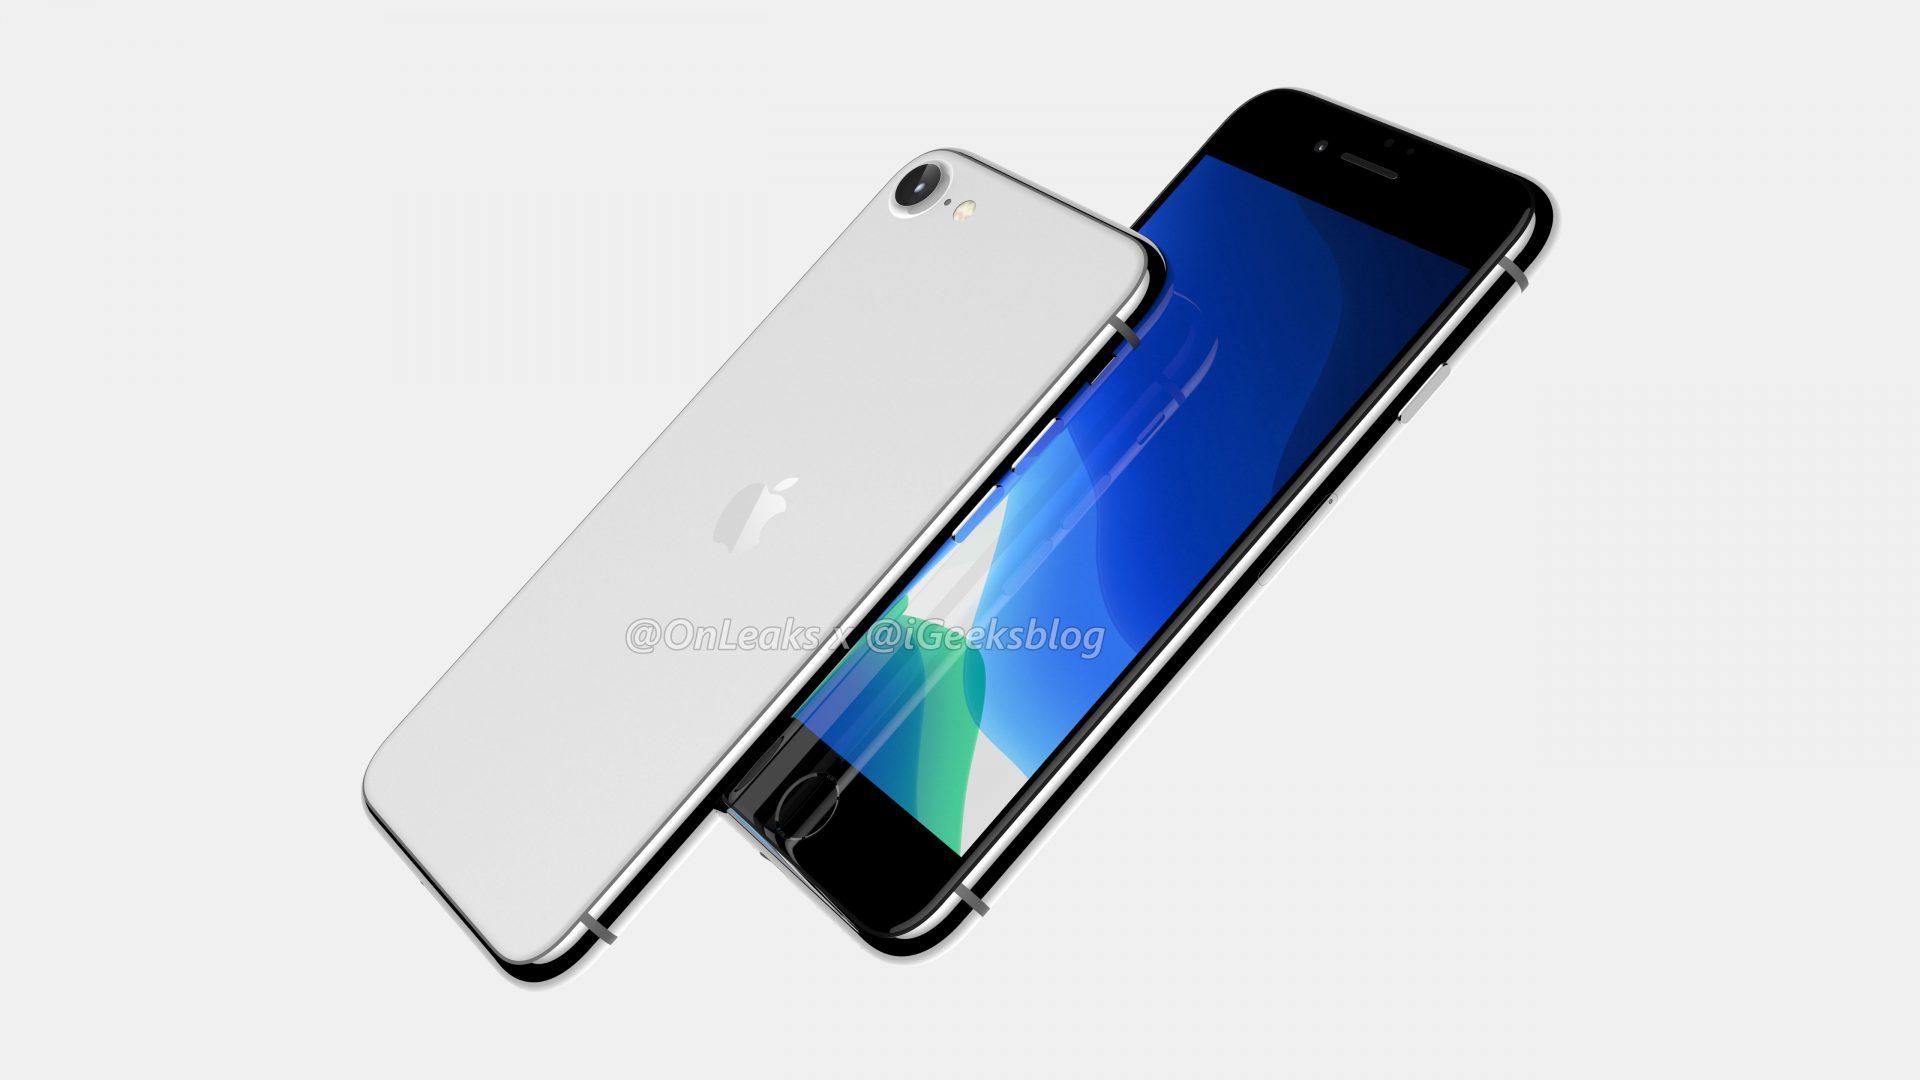 iPhone SE 2 leaked renders 1